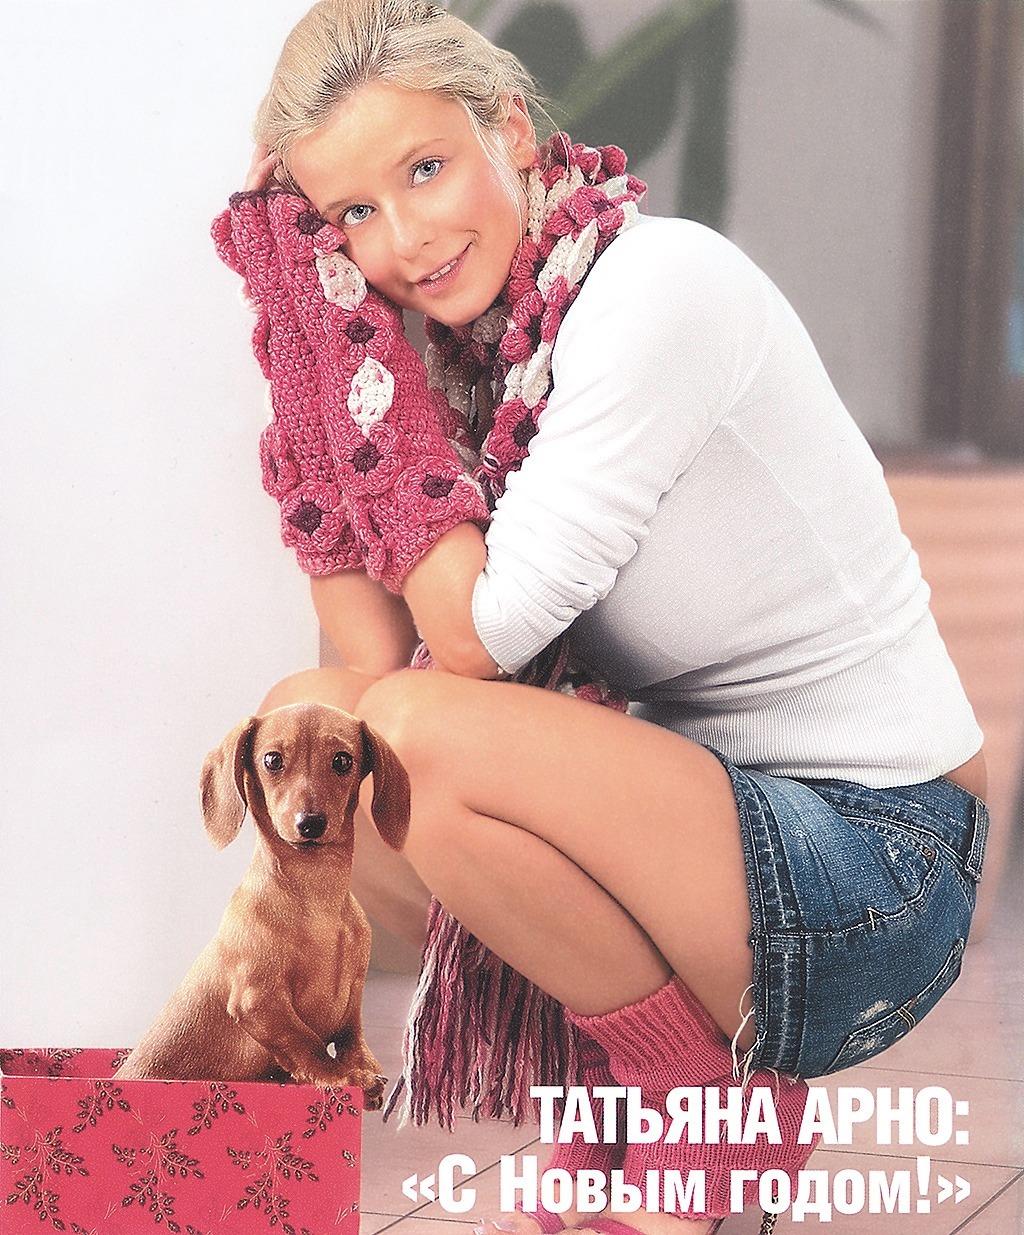 Татьяна абрамова биография 28 фотография